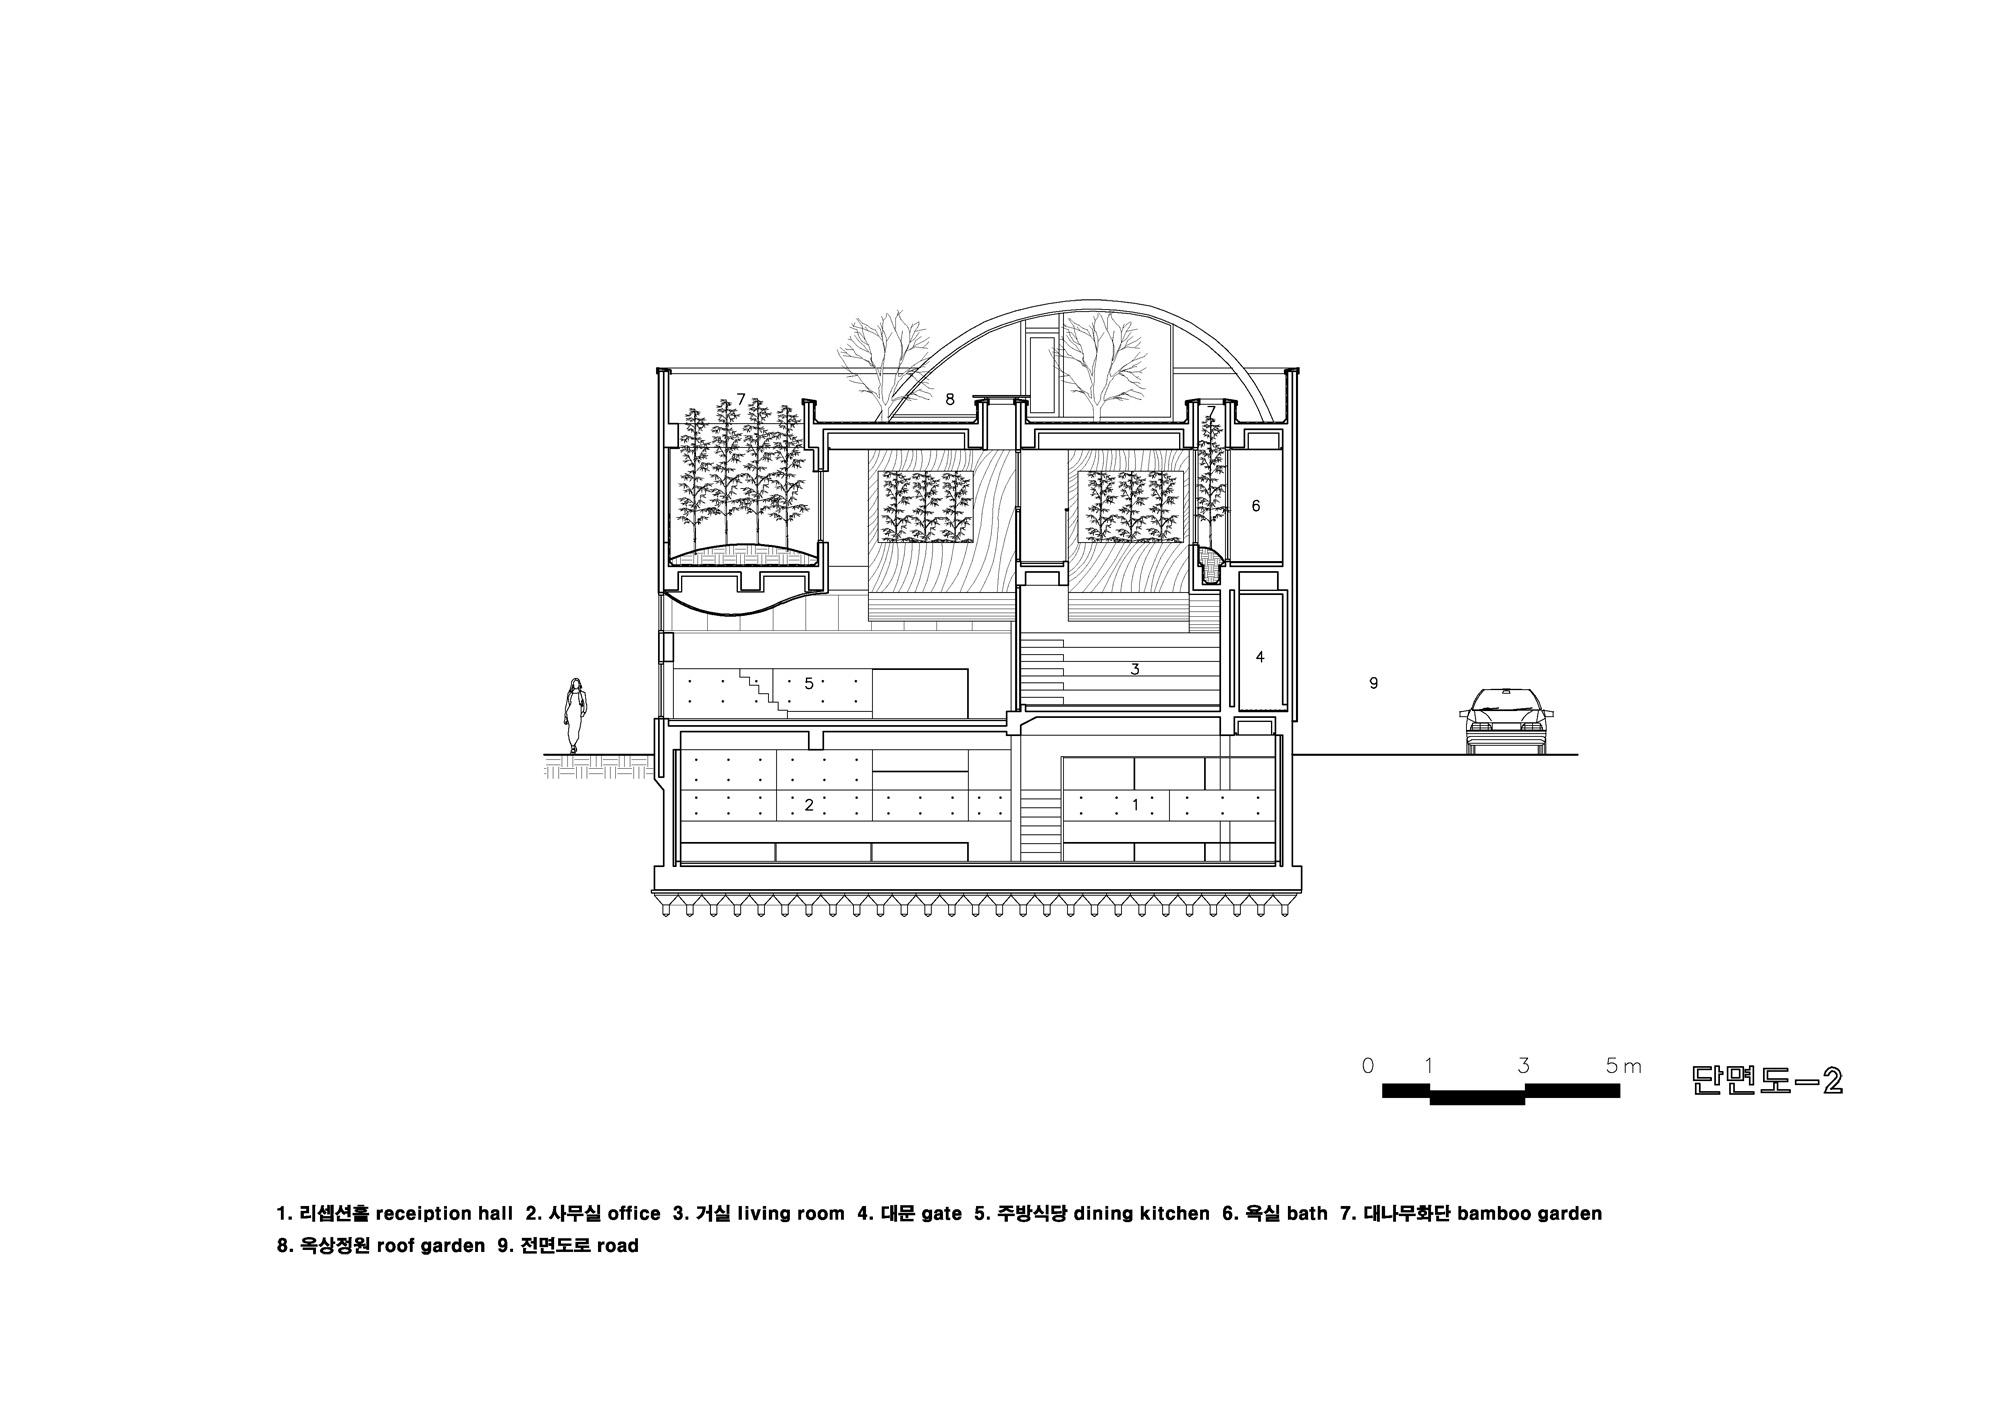 Bu Yeon Dang Iroje Khm Architects Corea Simbiosis News - Bu-yeon-dang-by-iroje-khm-architects